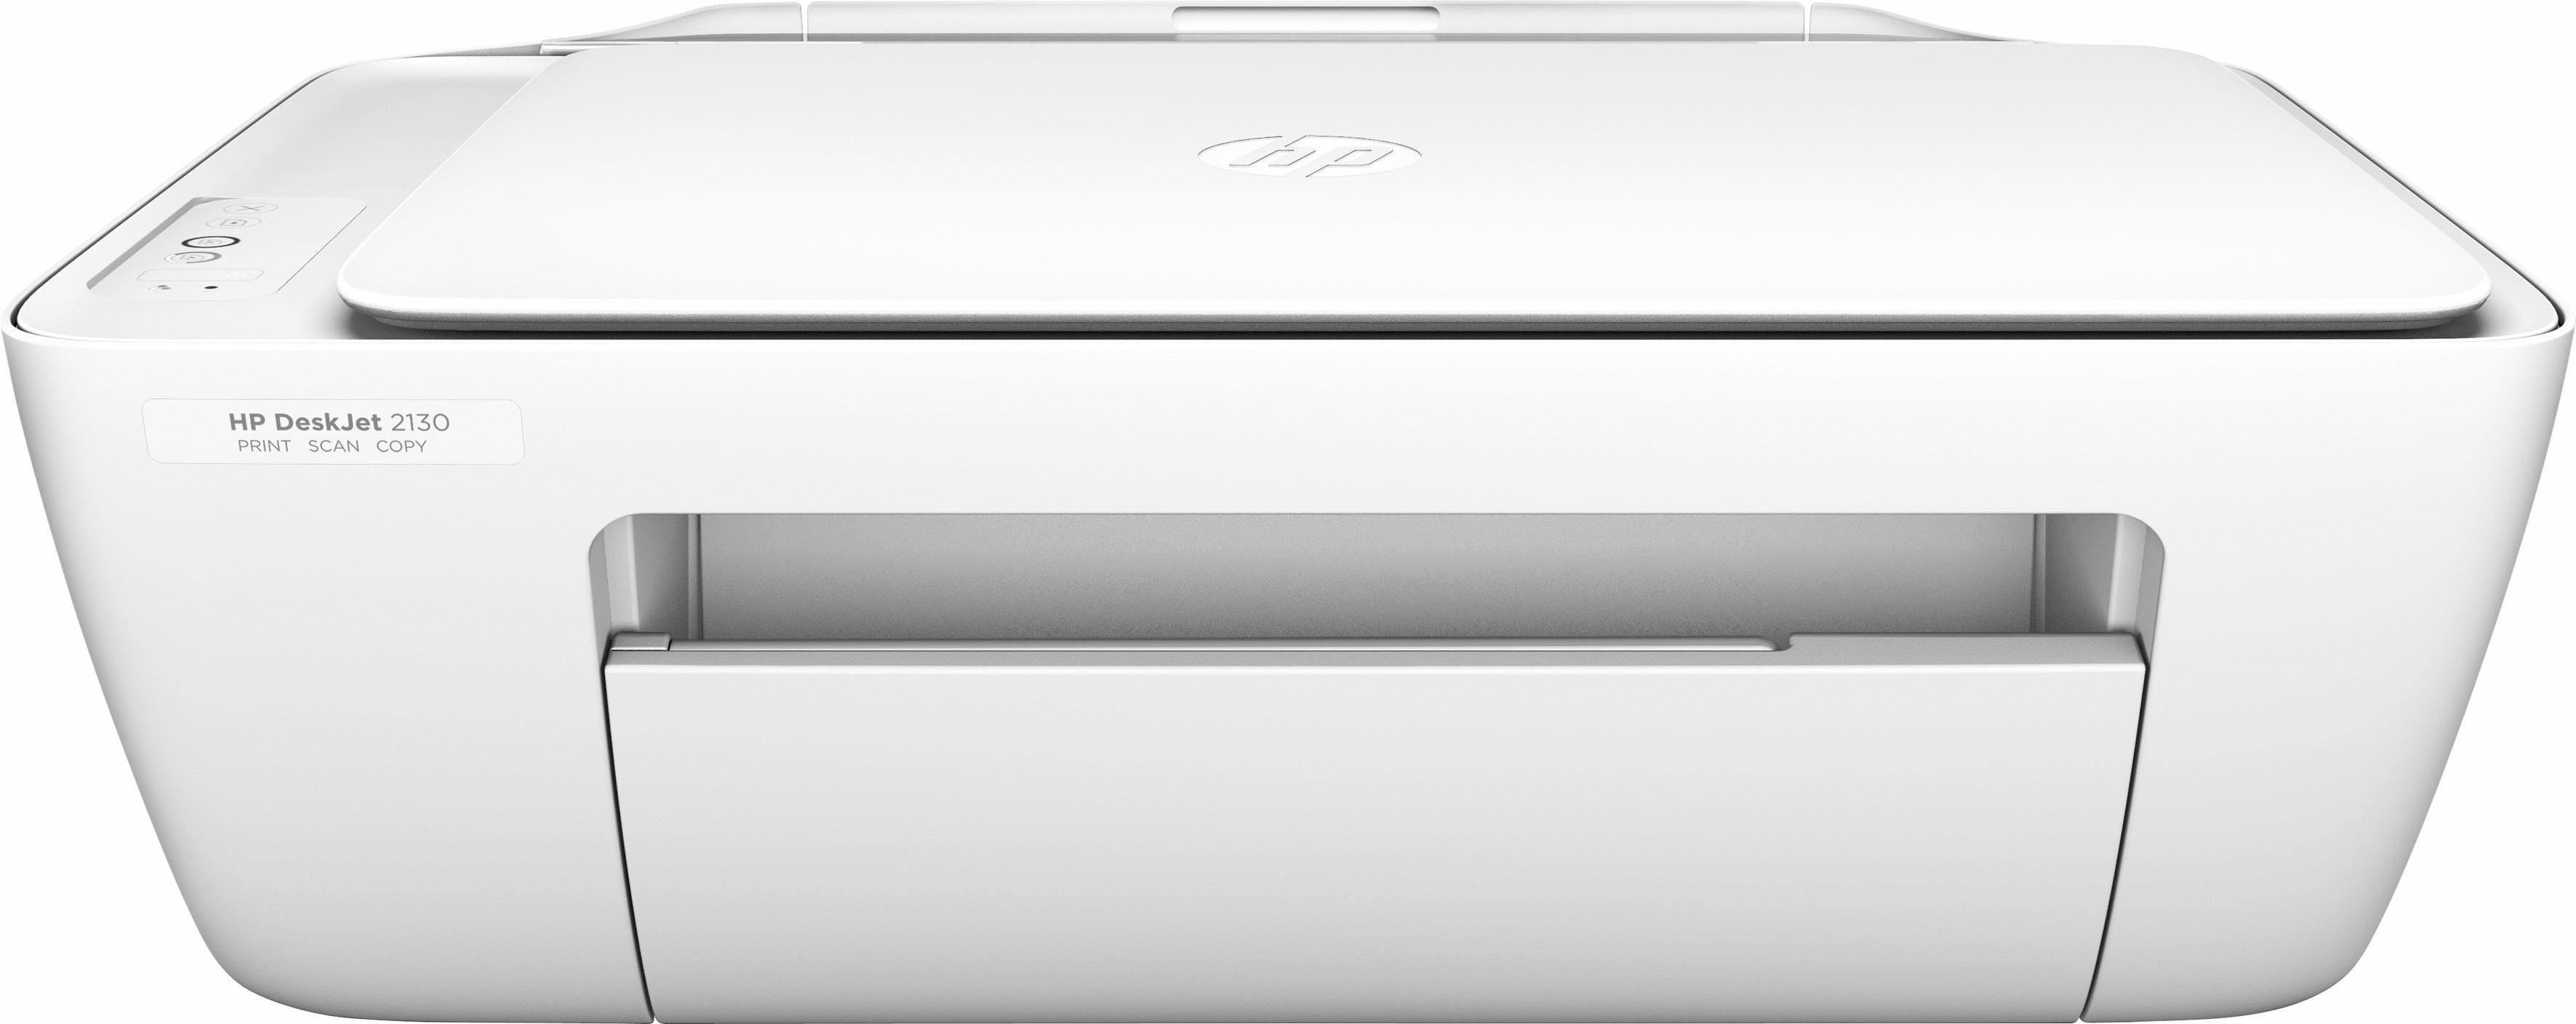 HP DeskJet 2130 All-in-One All-in-One Drucker